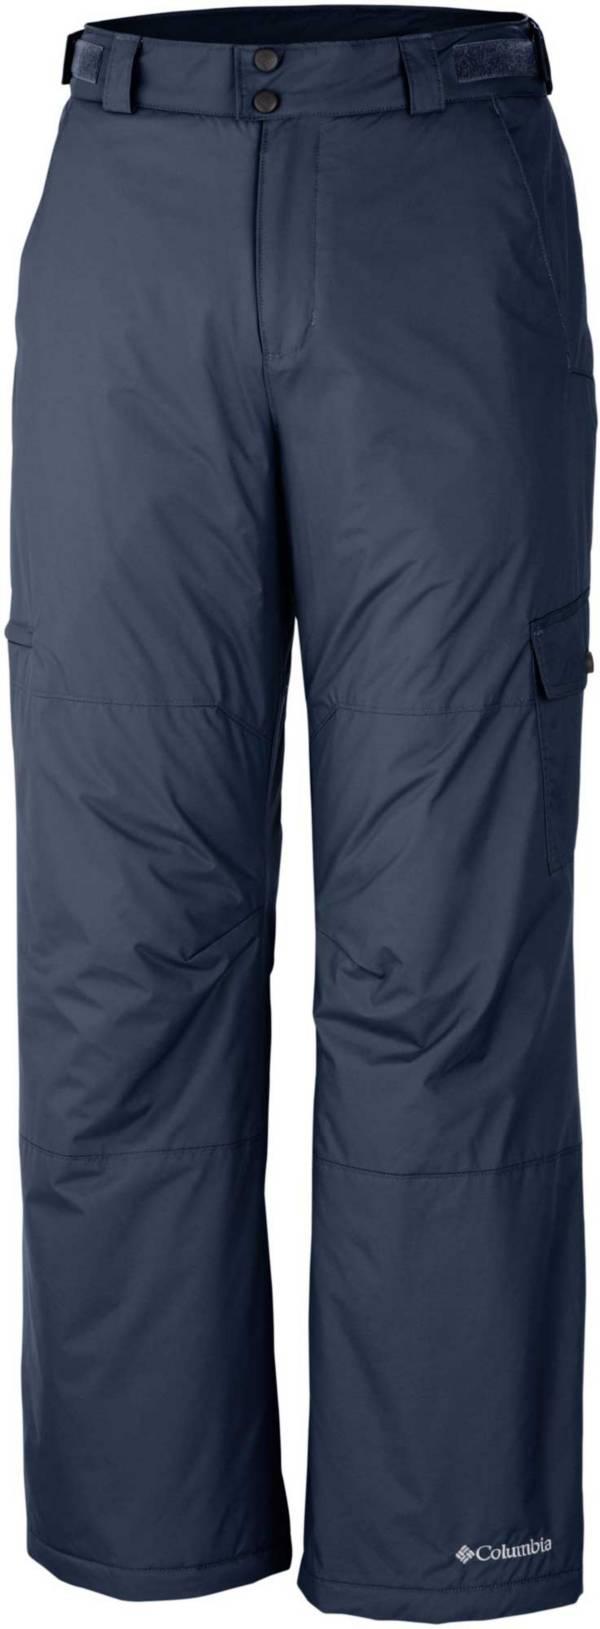 Columbia Men's Snow Gun Pants (Regular and Big & Tall) product image